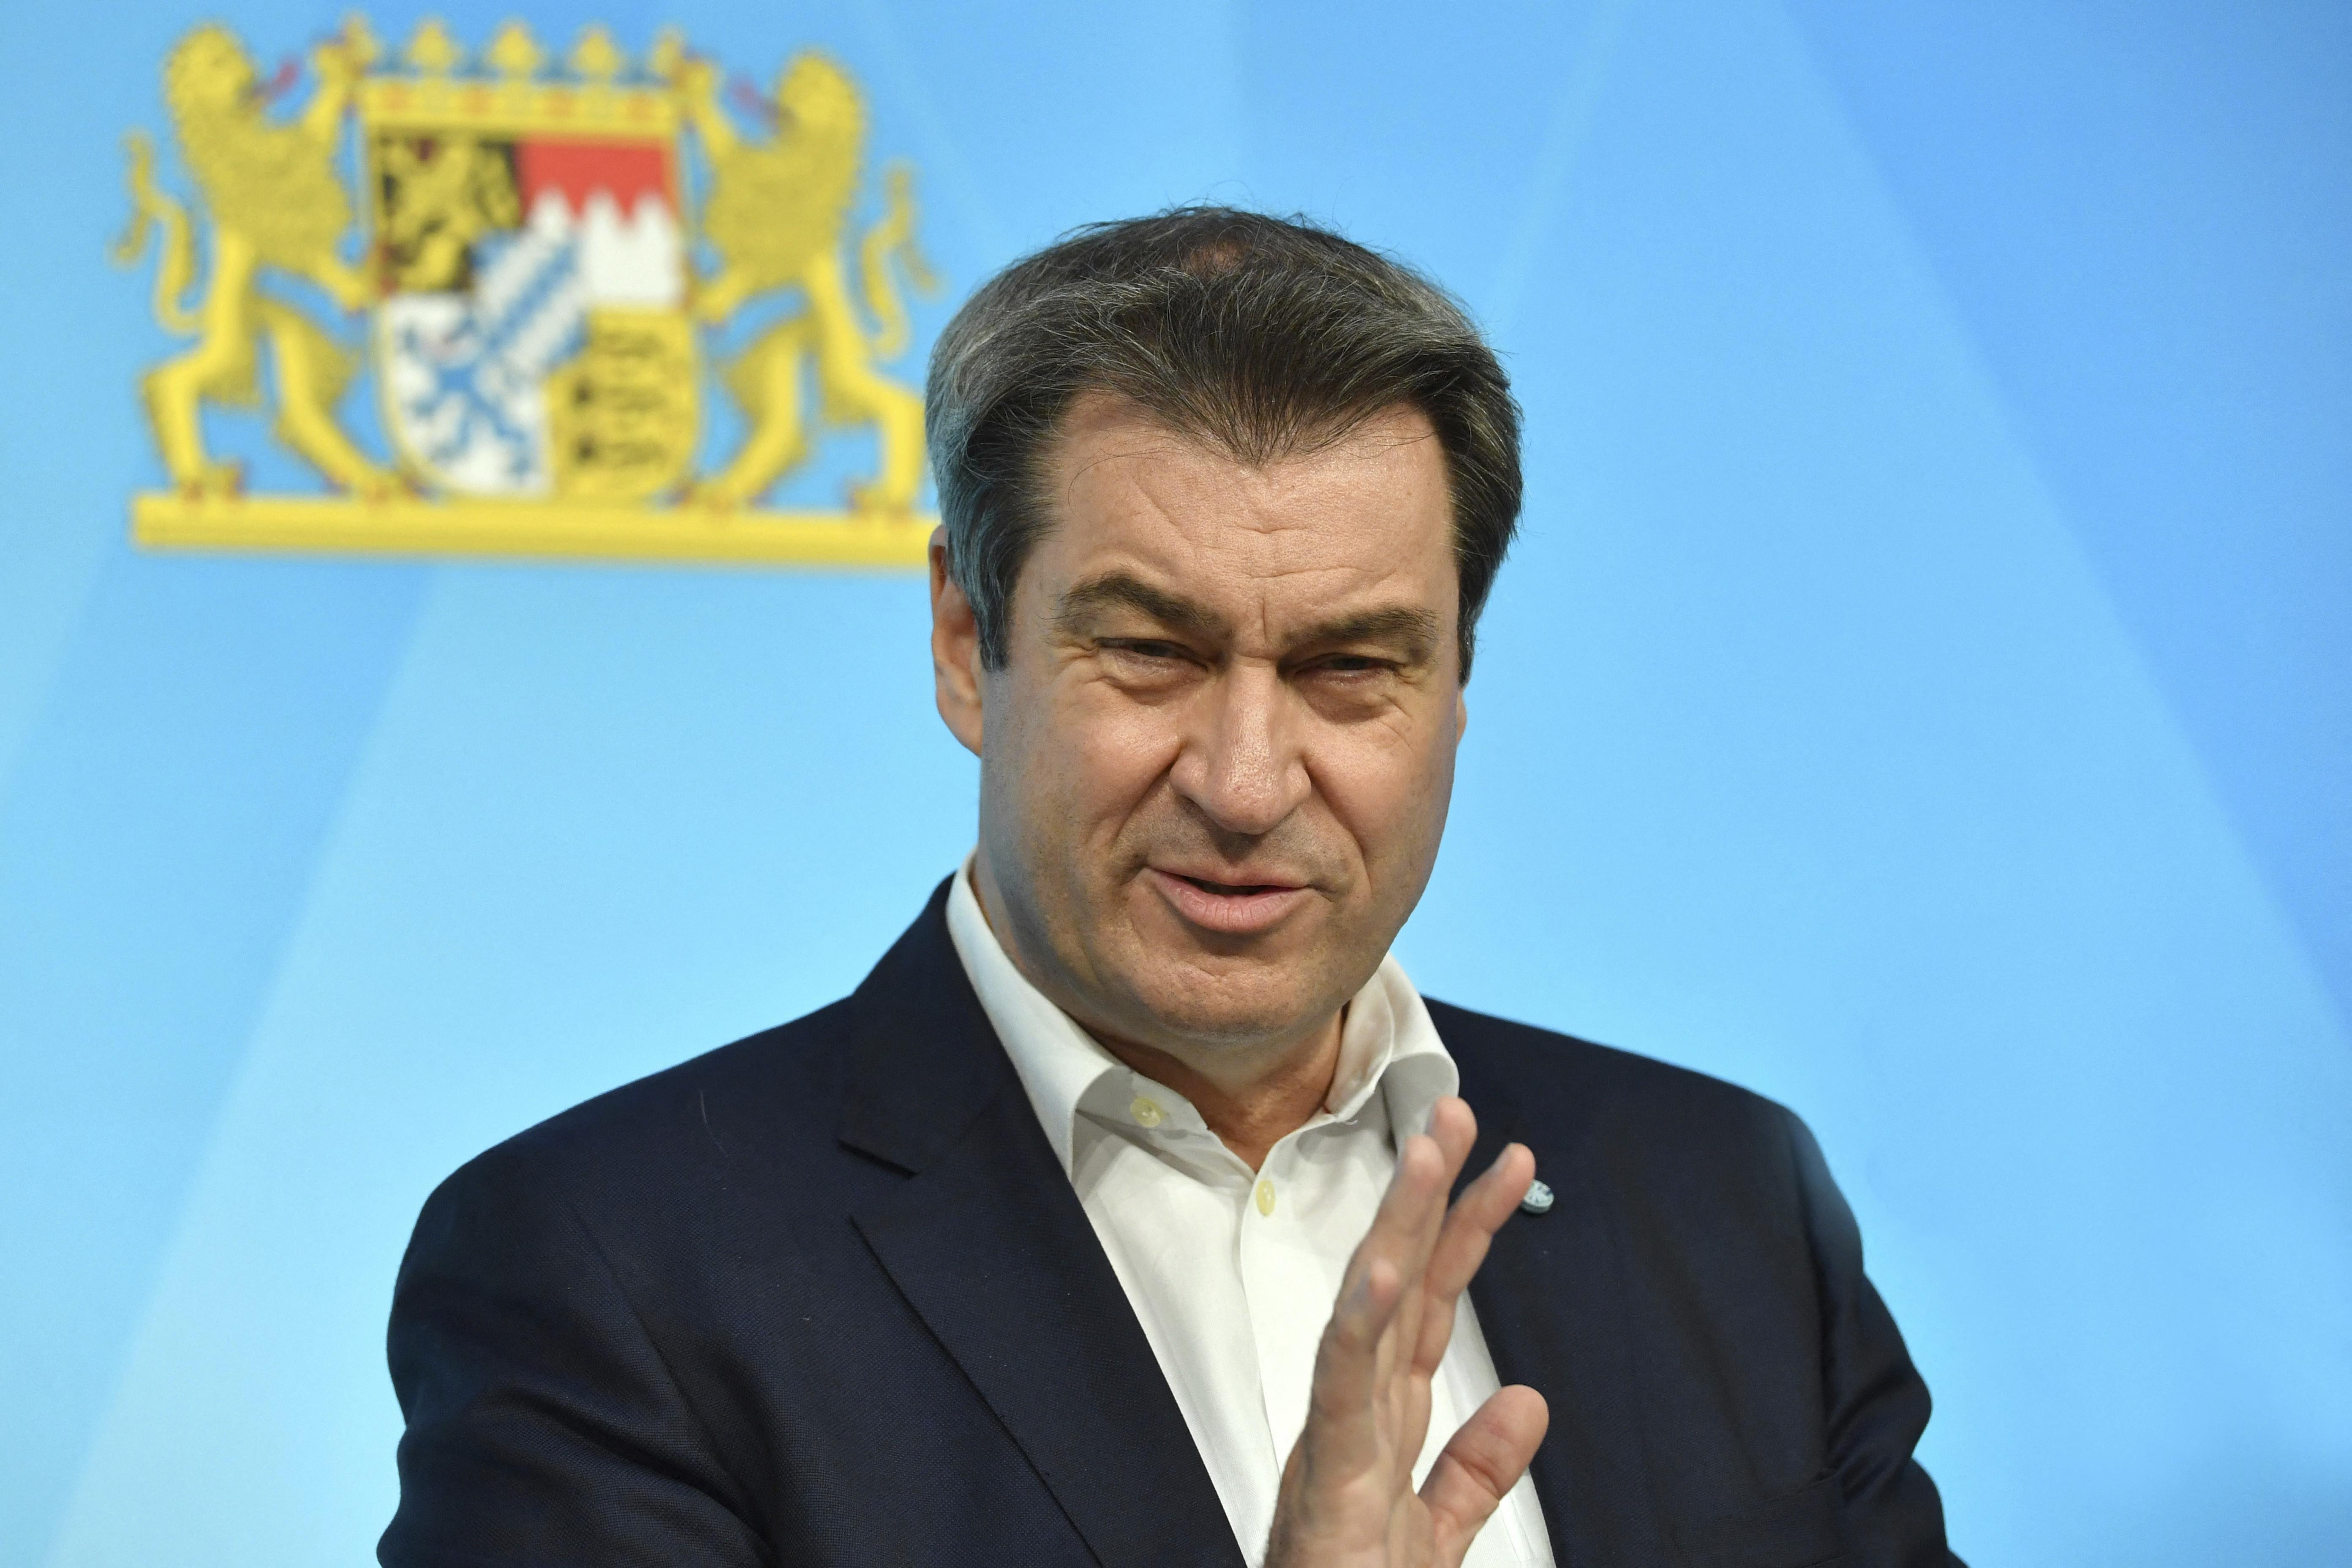 A kereszténydemokrata bajor miniszterelnök sajnálja, hogy nem lesz szivárványos a stadion a szerdai meccs alatt